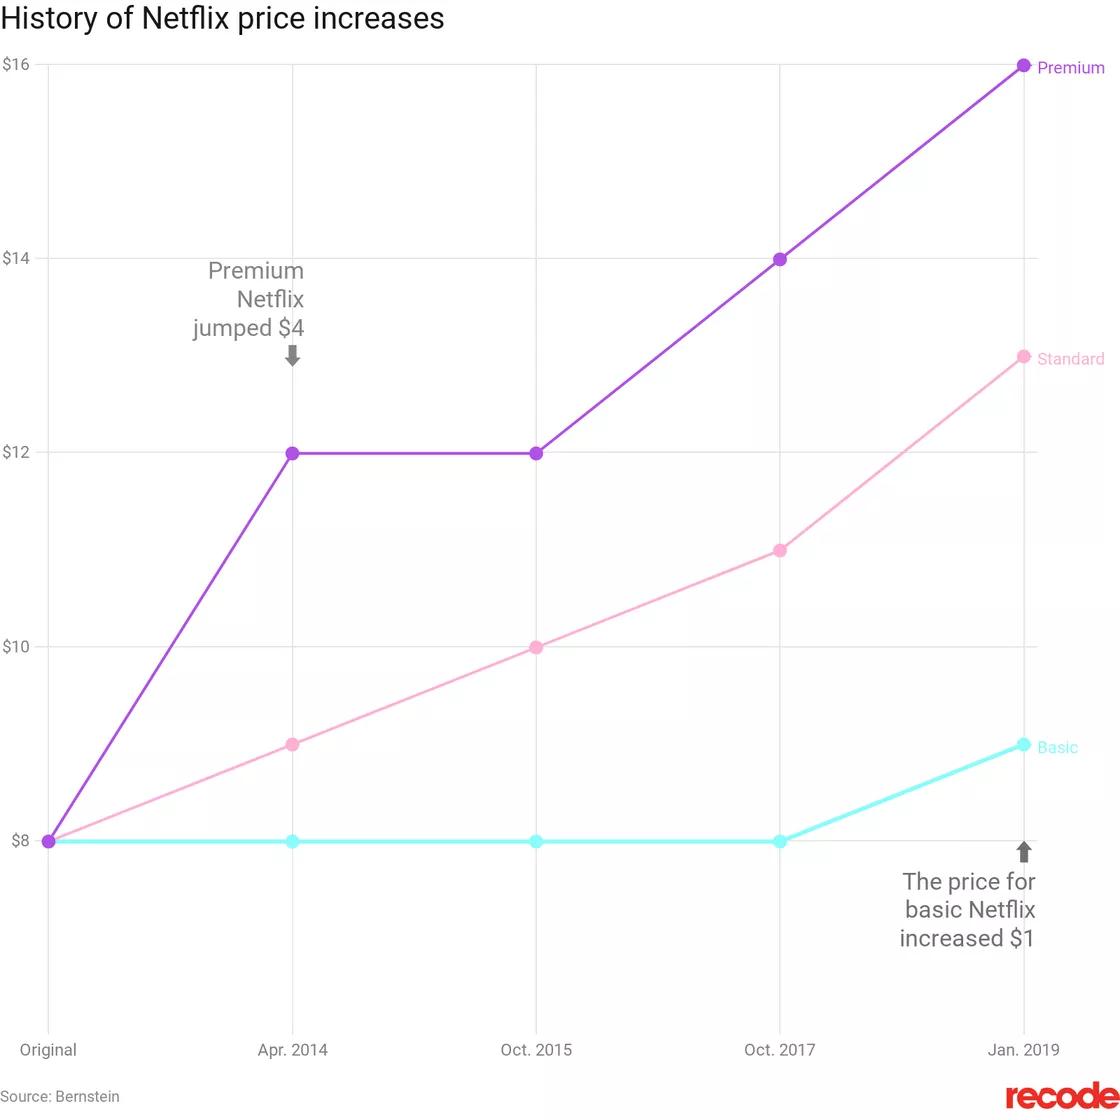 storia di netflix degli aumenti di prezzo.